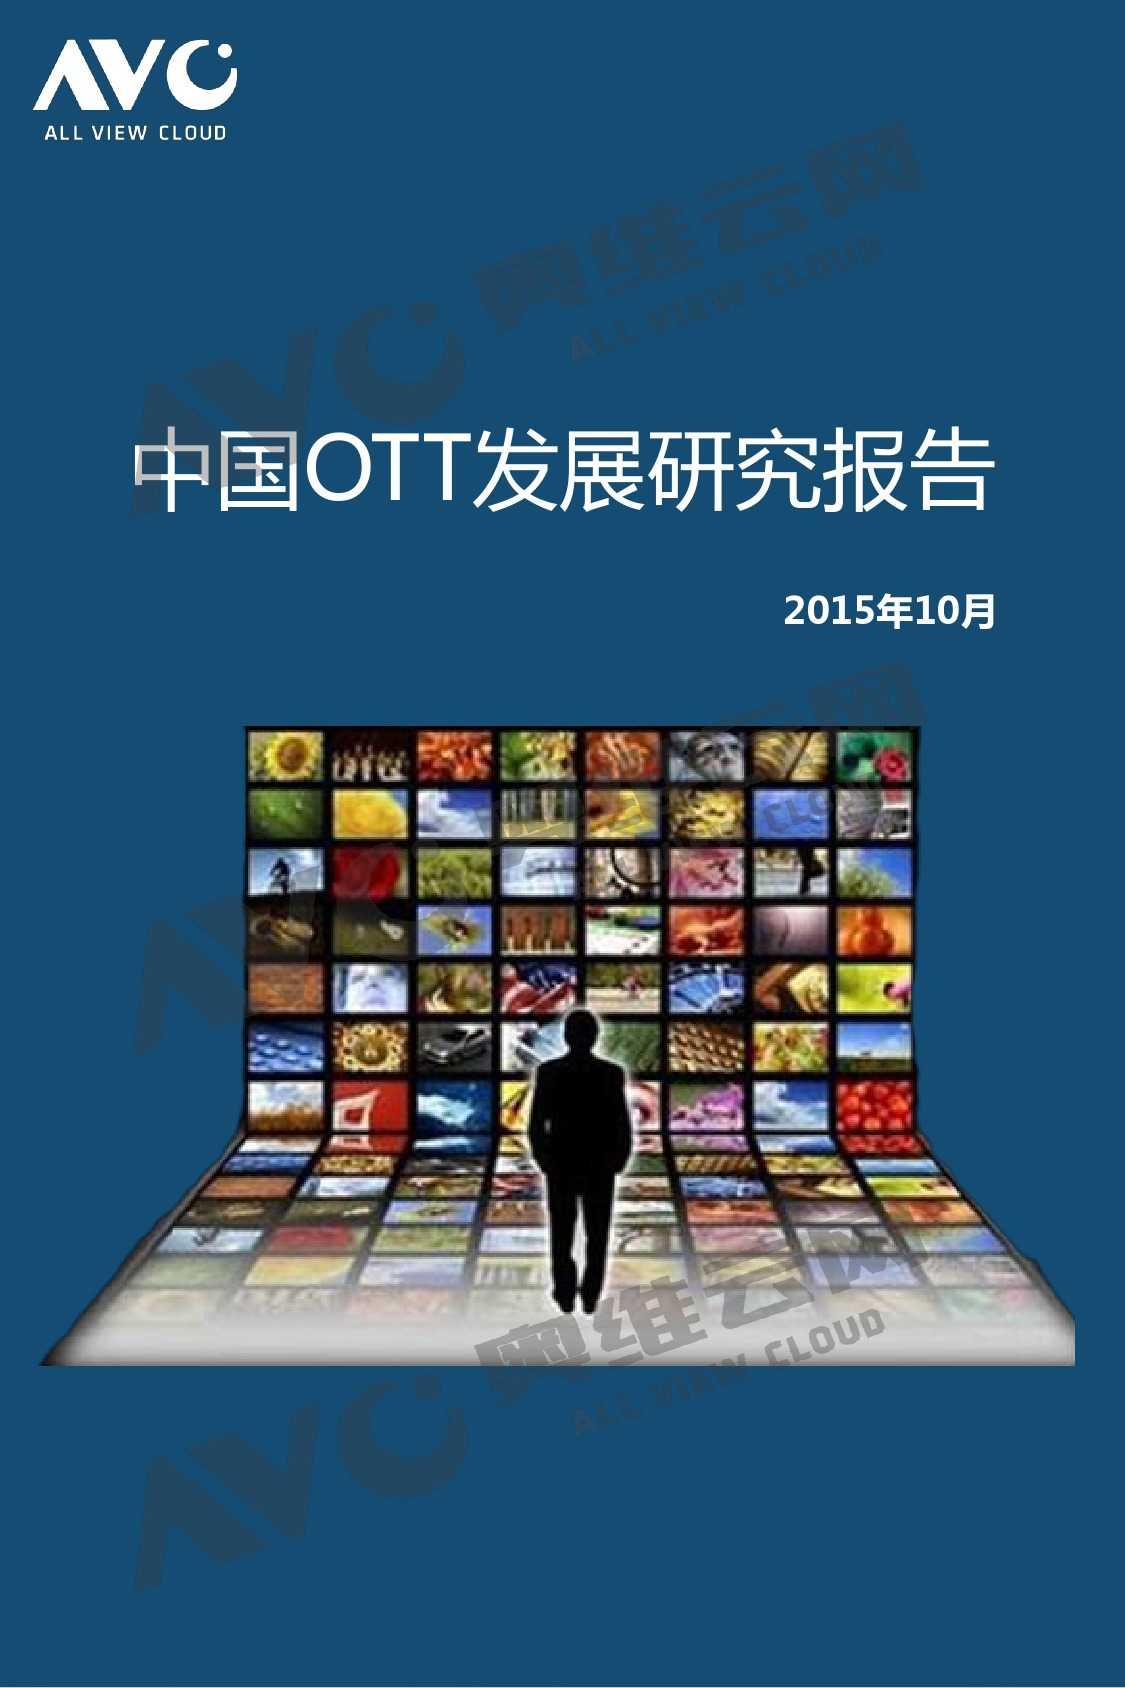 奥维云网:2015年10月份中国OTT发展研究_000001